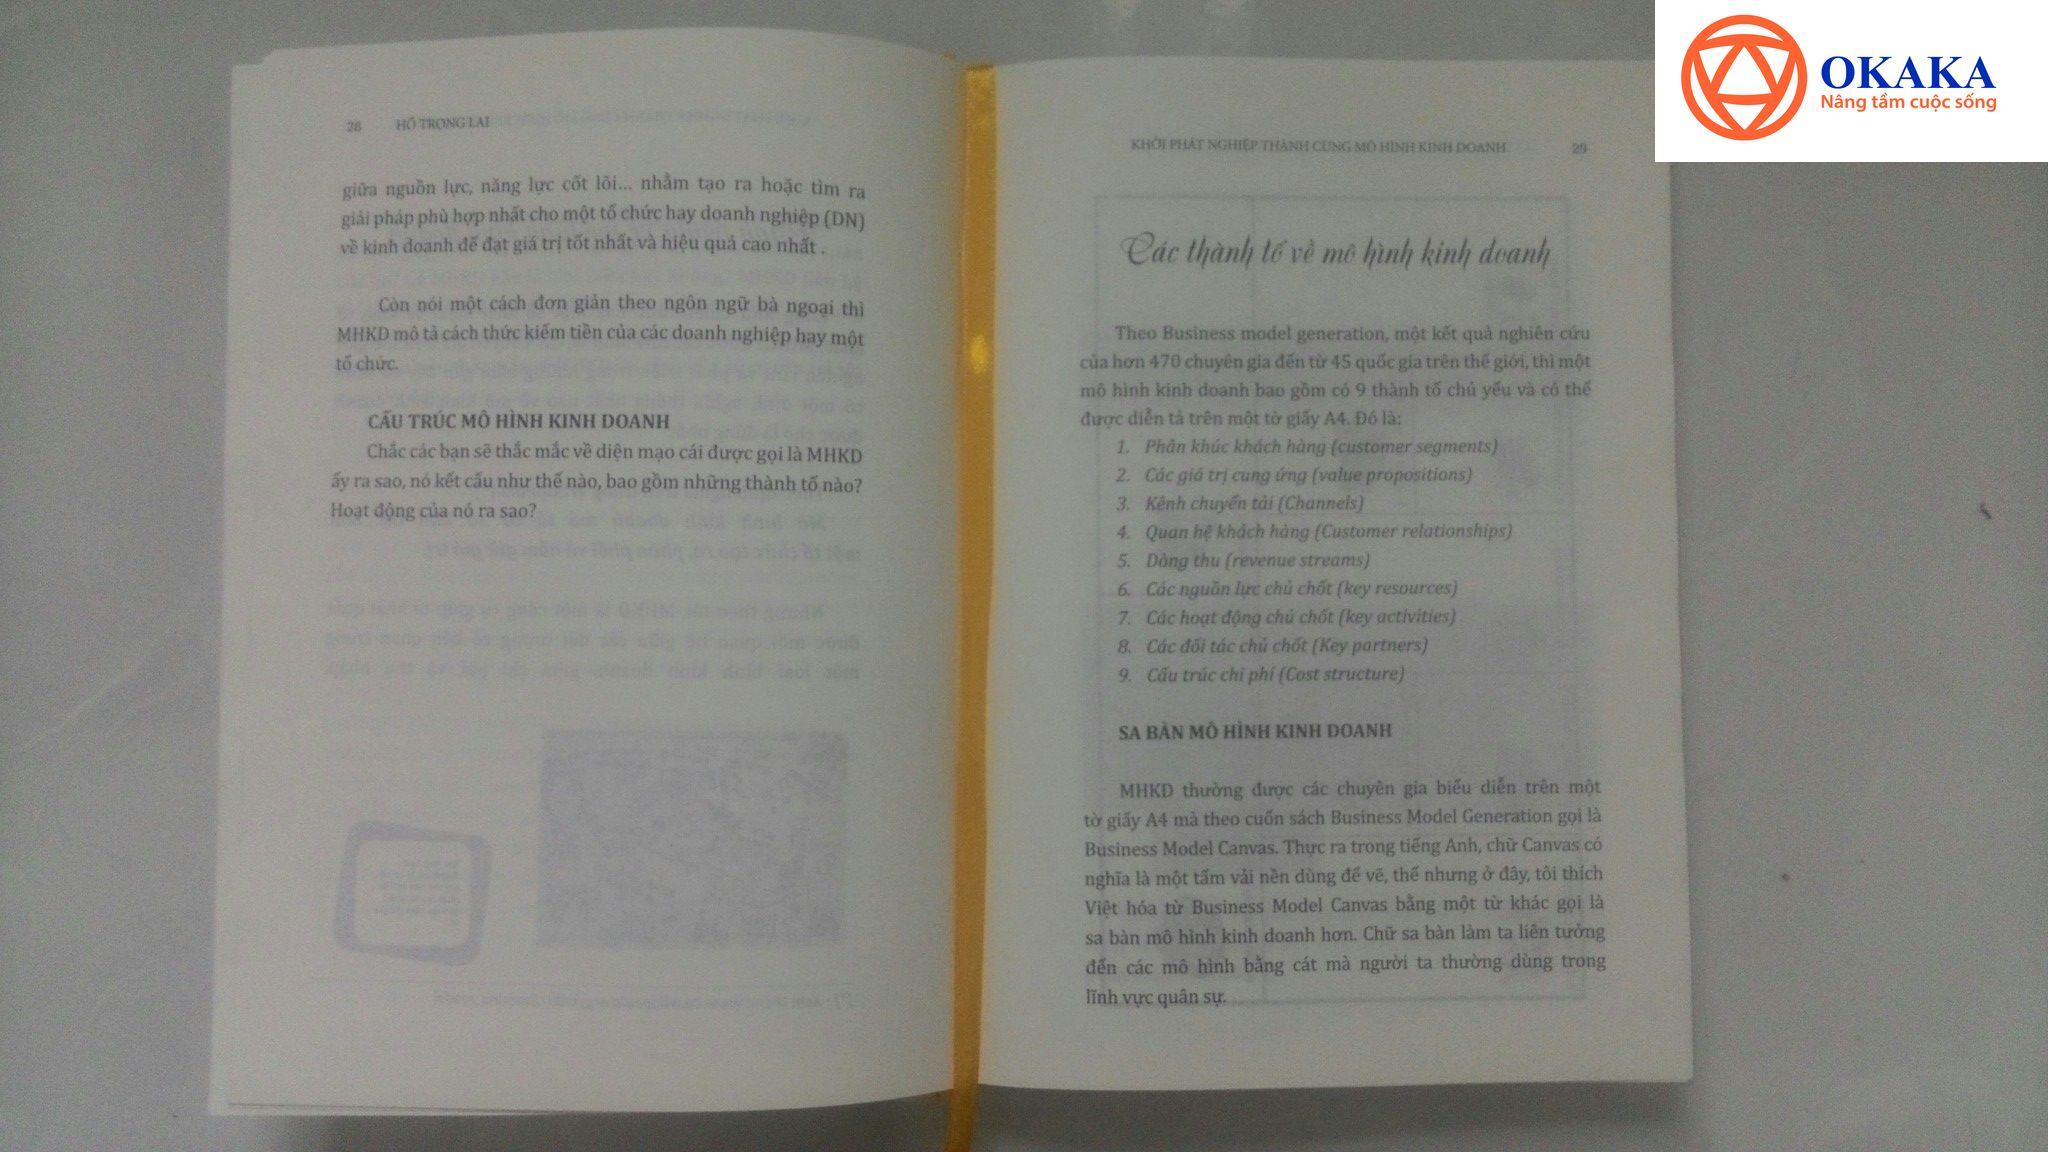 """Bạn đã bao giờ nghe nói đến """"ngôn ngữ bà ngoại"""" chưa? Lần đầu tiên Ly được nghe nói về """"ngôn ngữ bà ngoại"""" là khi đọc cuốn sách """"Khởi phát nghiệp thành cùng mô hình kinh doanh"""" của tác giả Hồ Trọng Lai và được nghe chính miệng tác giả nhắc lại lần nữa trong buổi ra mắt sách gần đây."""